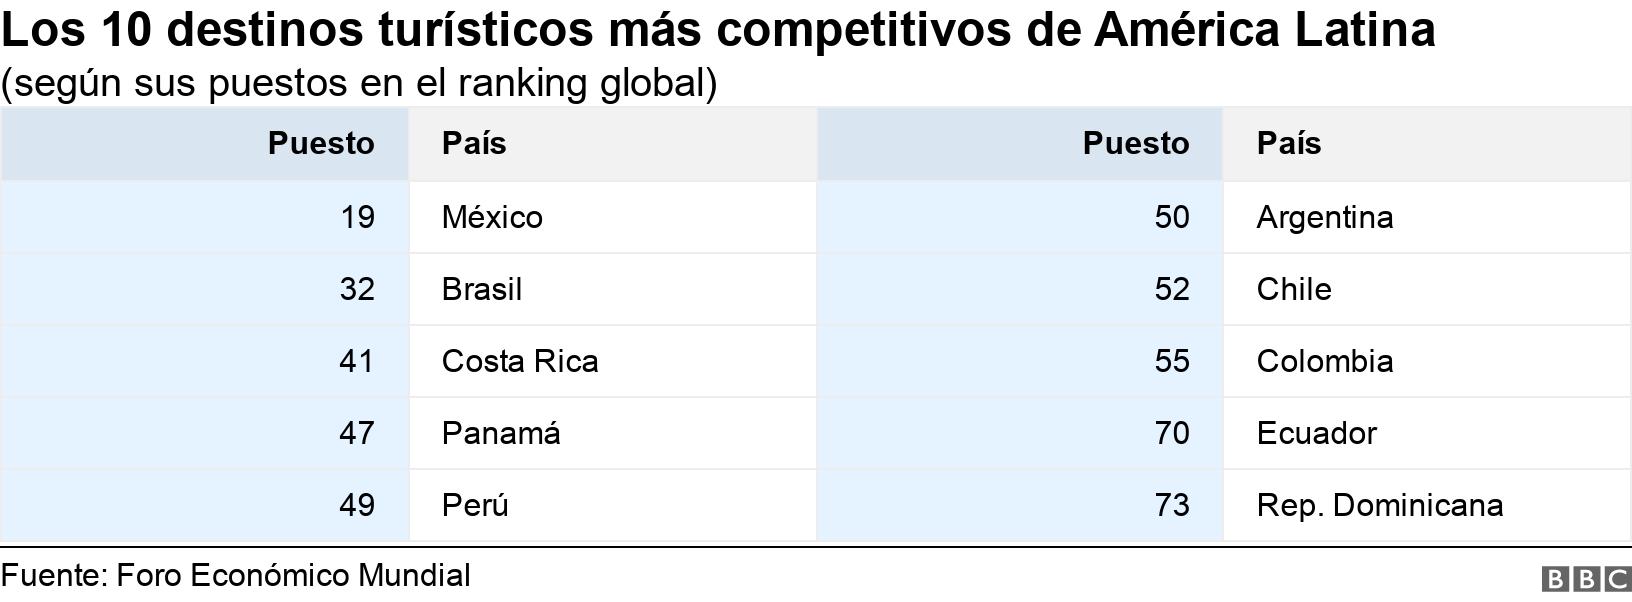 Los 10 destinos turísticos más competitivos de América Latina. (según sus puestos en el ranking global).  .